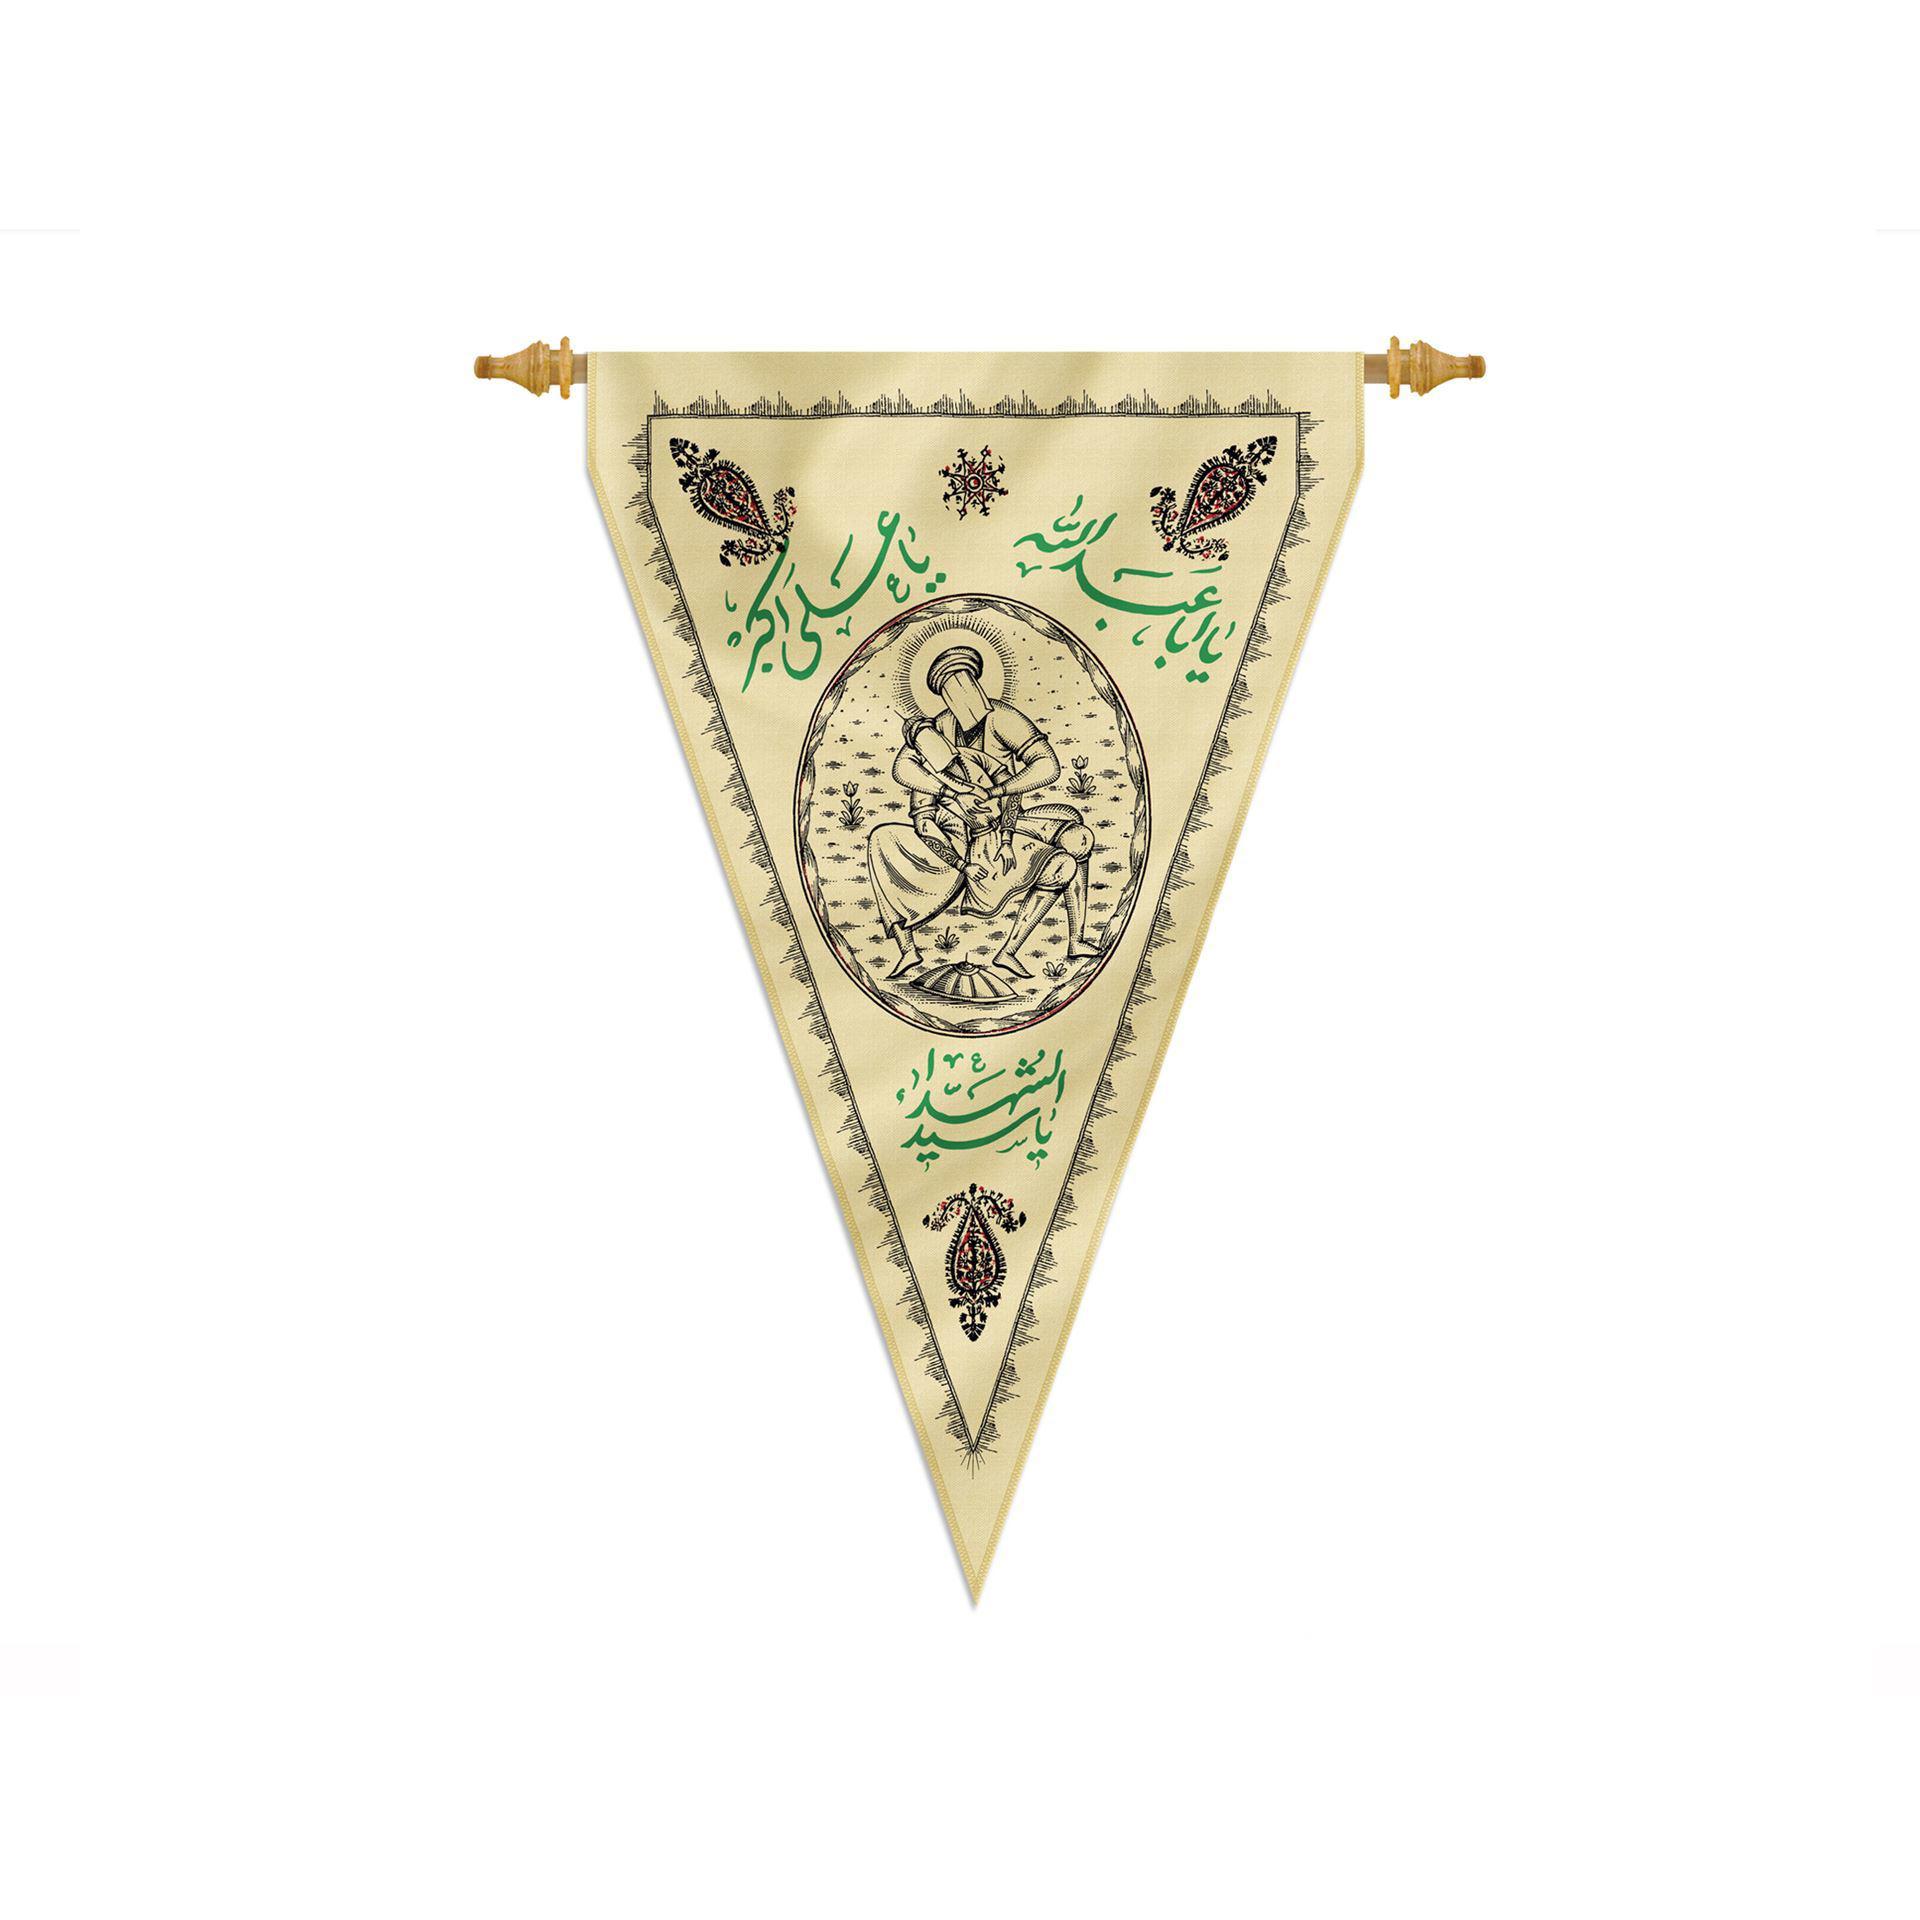 تصویر از پرچم چاپ سنگی طرح «یا علی اکبر» پارچه کجراه ١٣٠×٧۵ سانتیمتر